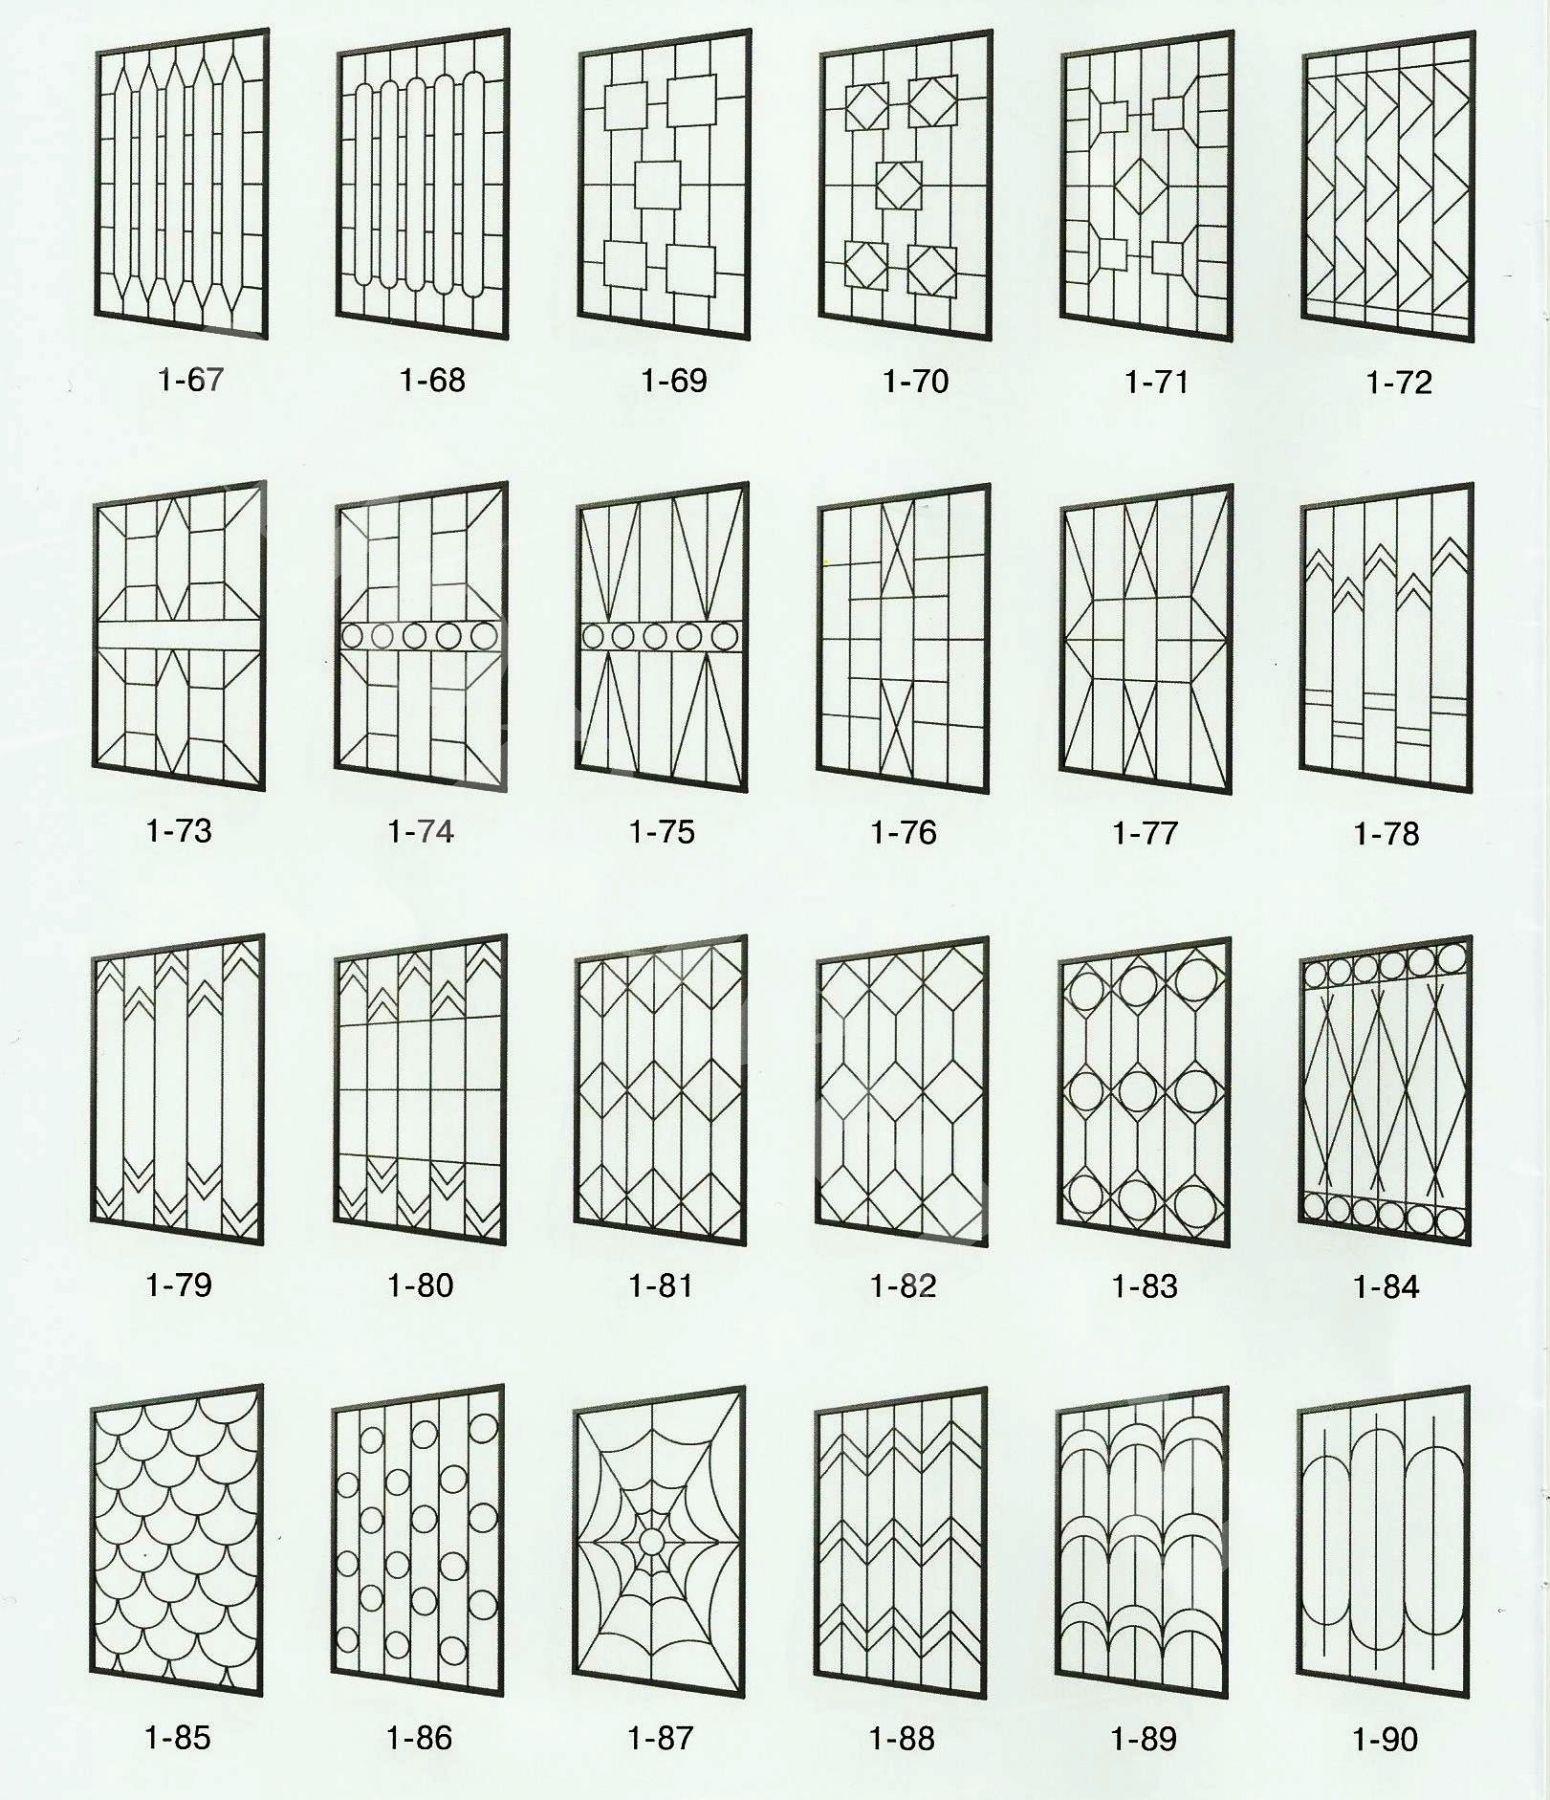 Гост 24700-81 окна и балконные двери деревянные со стеклопакетами.